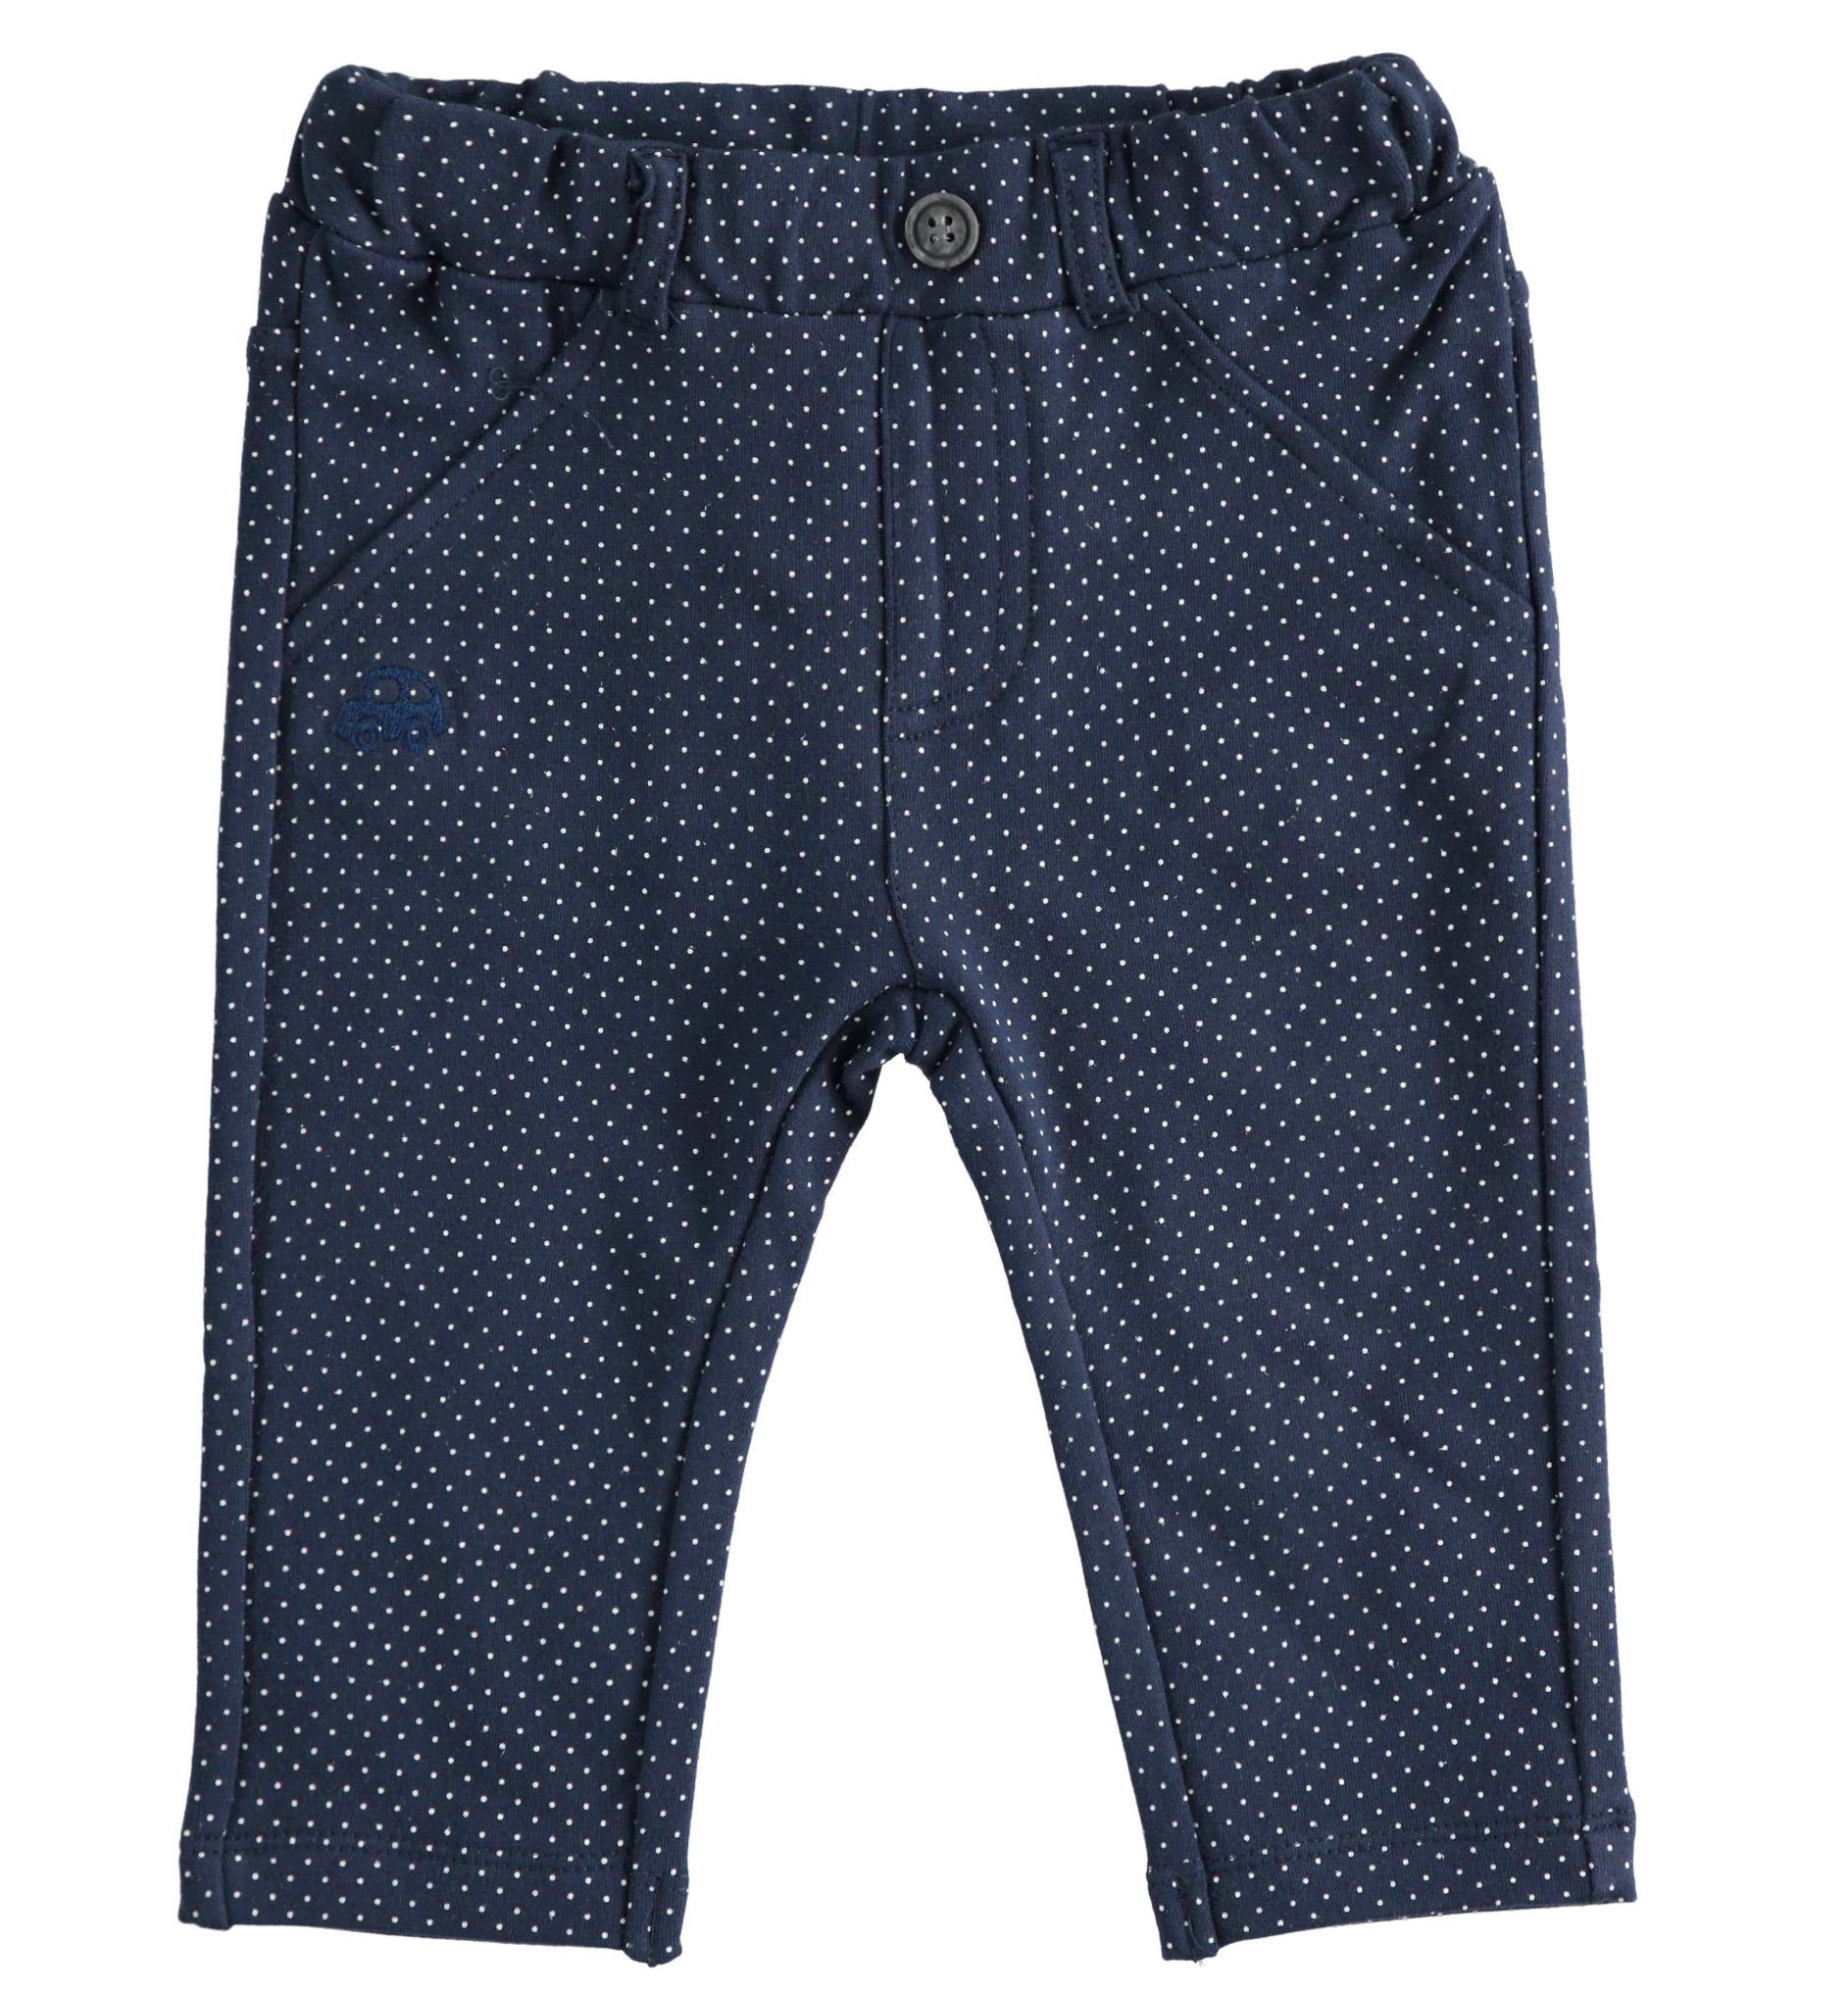 kisfiú újszülött kék pamut nadrág